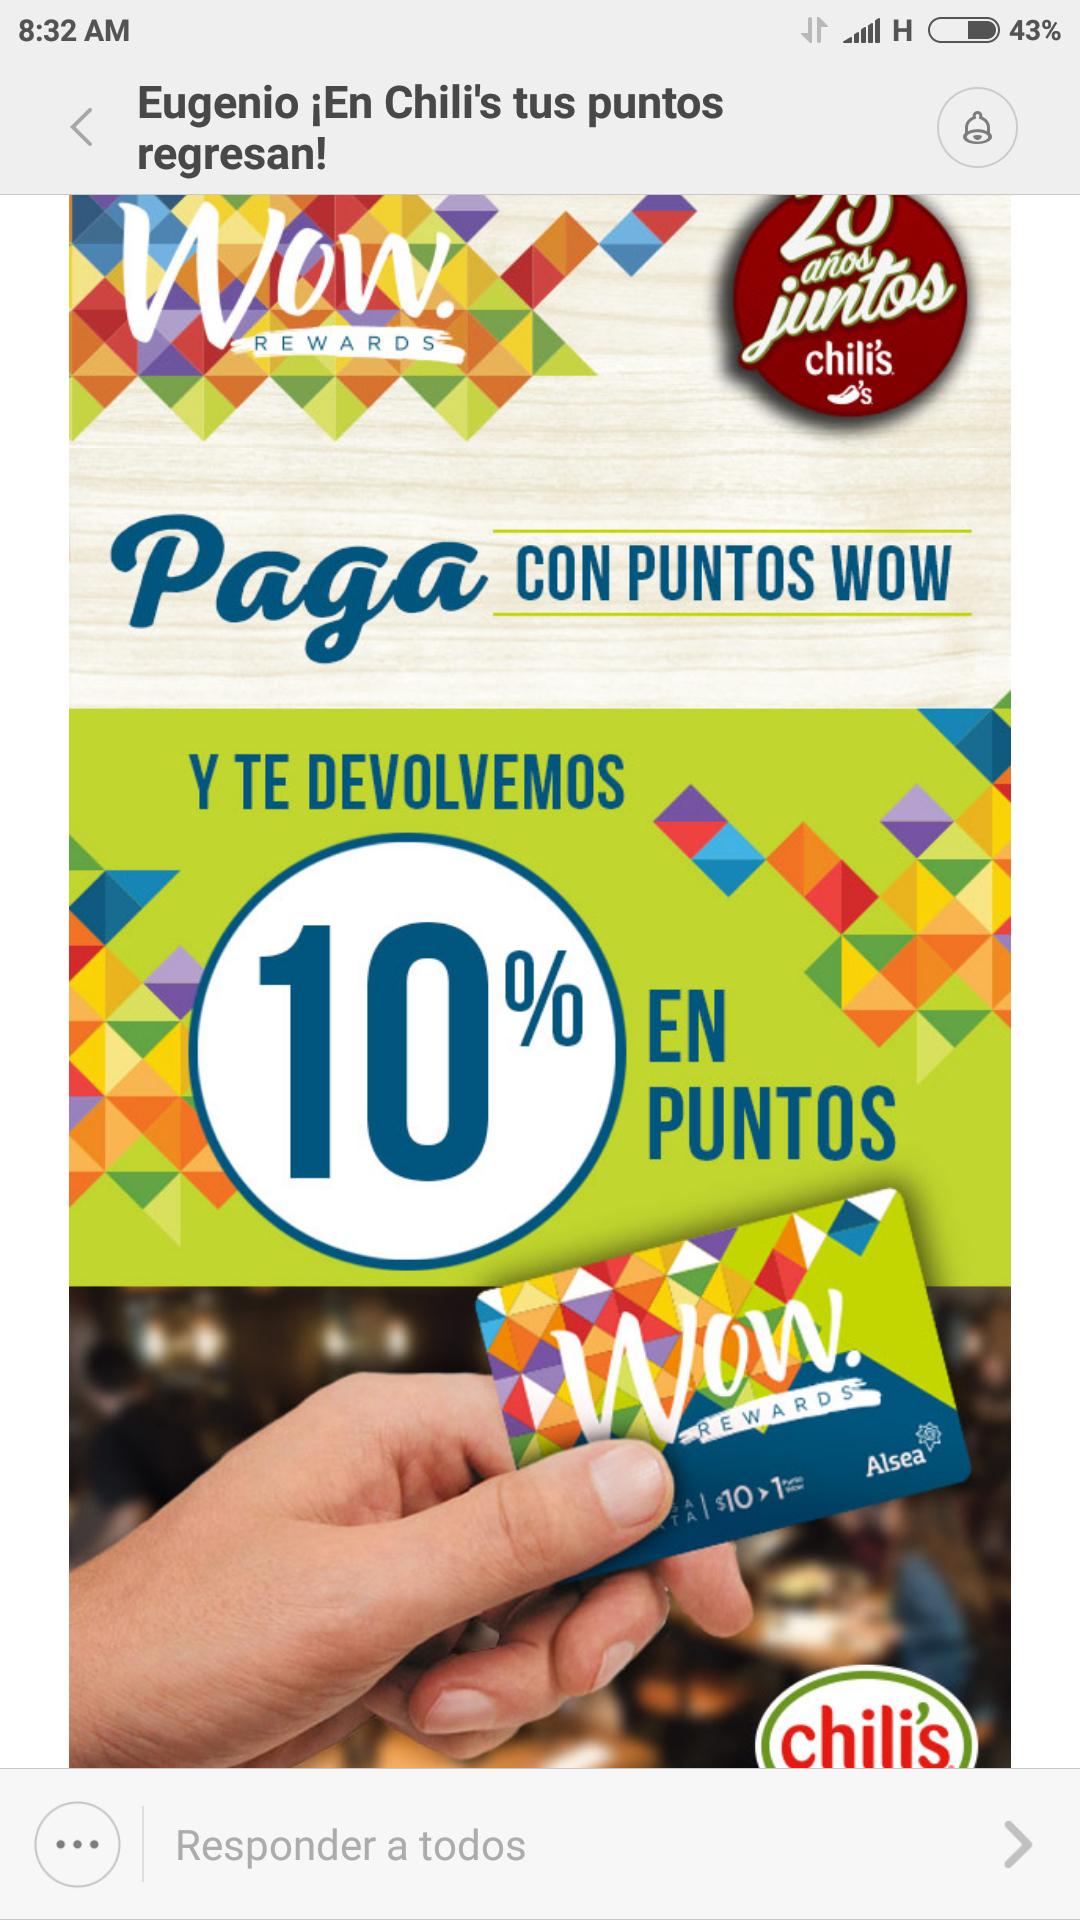 Chili's: 10% en puntos pagando con puntos WOW